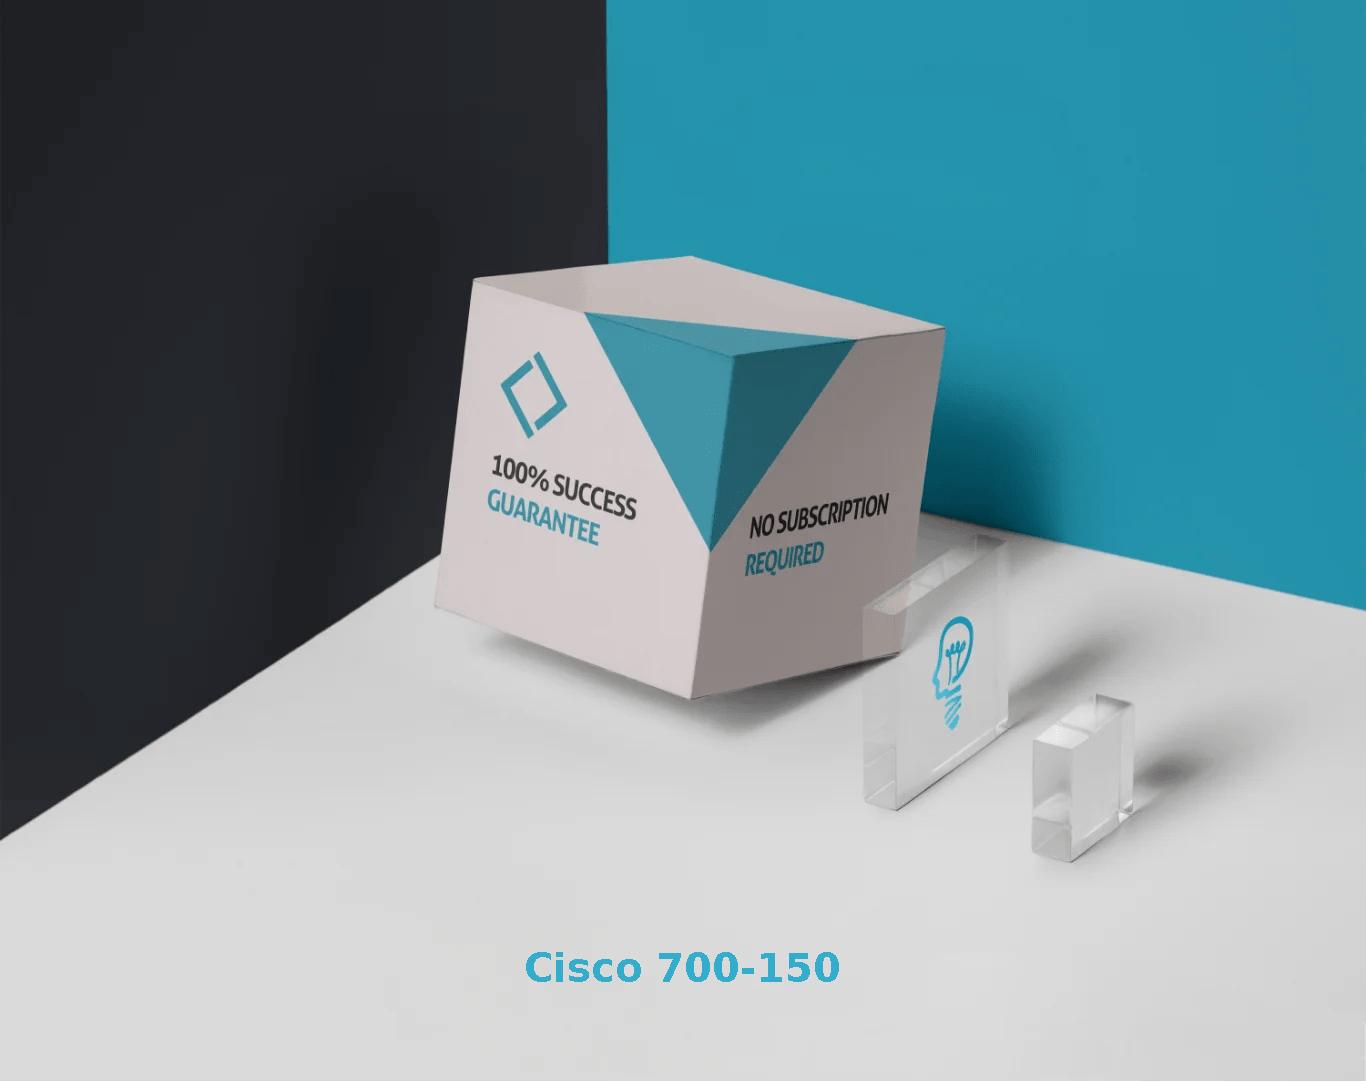 Cisco 700-150 Exams